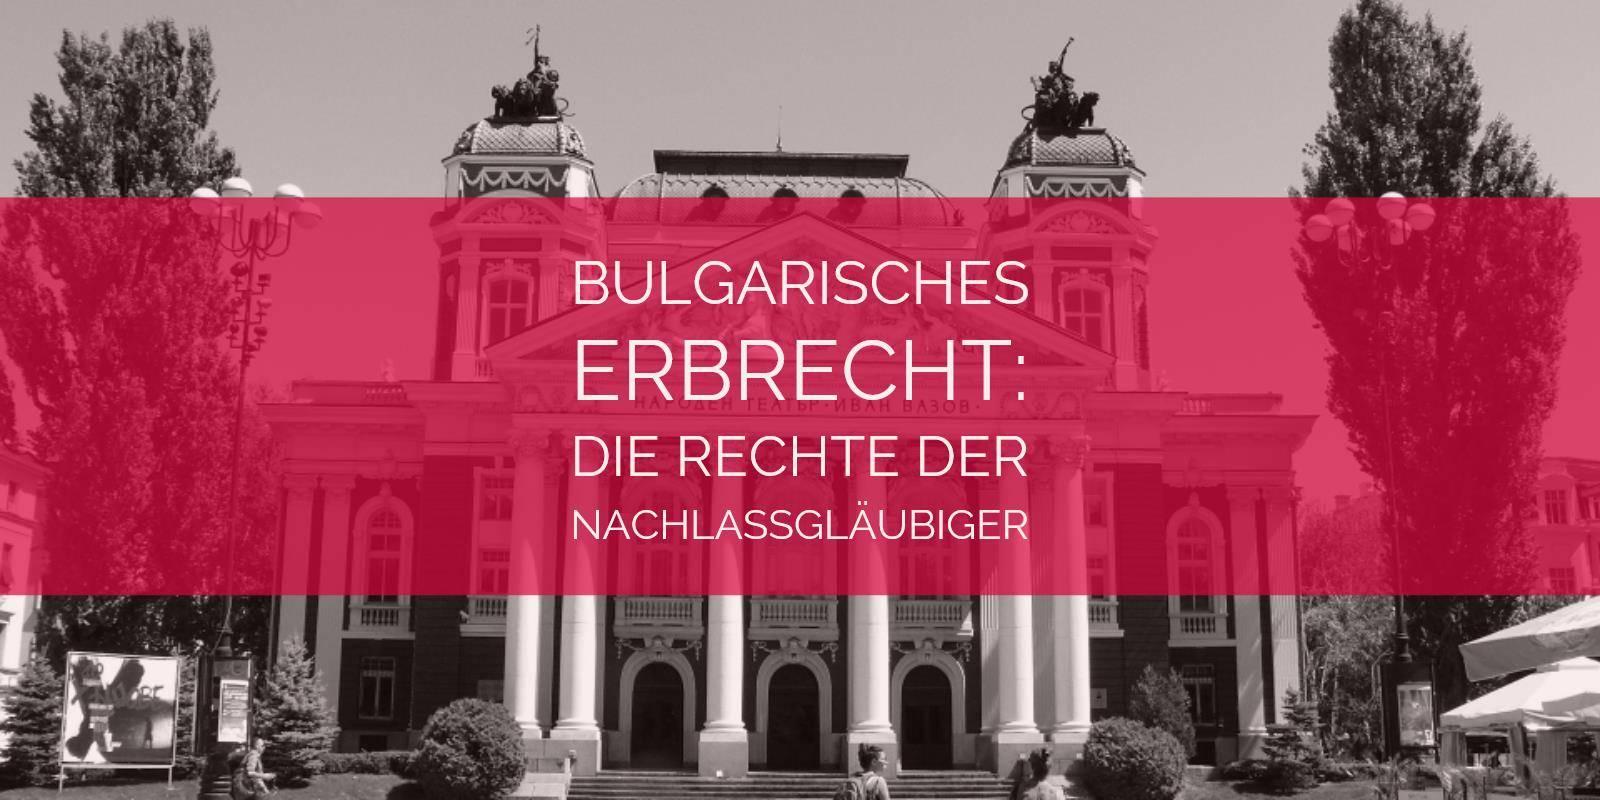 Bulgarisches Erbrecht: Die Rechte der Nachlassgläubiger im bulgarischen Erbrecht | Rechtsanwalt und Fachanwalt für Erbrecht Detlev Balg - Köln